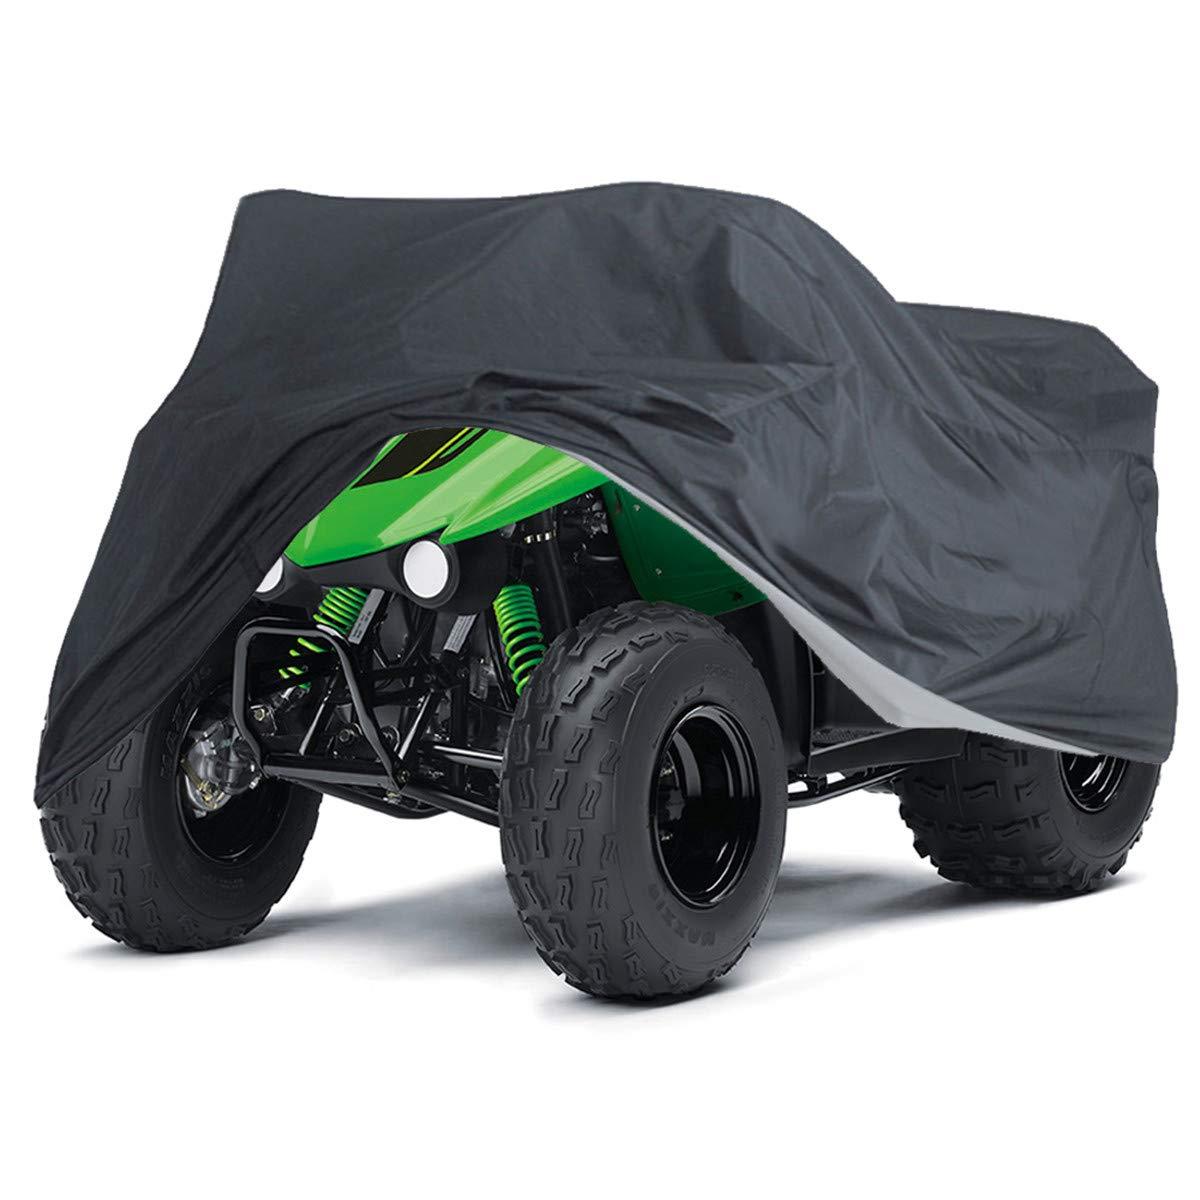 WGE Alle Gr/ö/ßen Motorradabdeckung Schwarz ATV Cover Fahrzeug Beach Moto Cover Wasserdichter Roller Motorrad-Schutzh/ülle